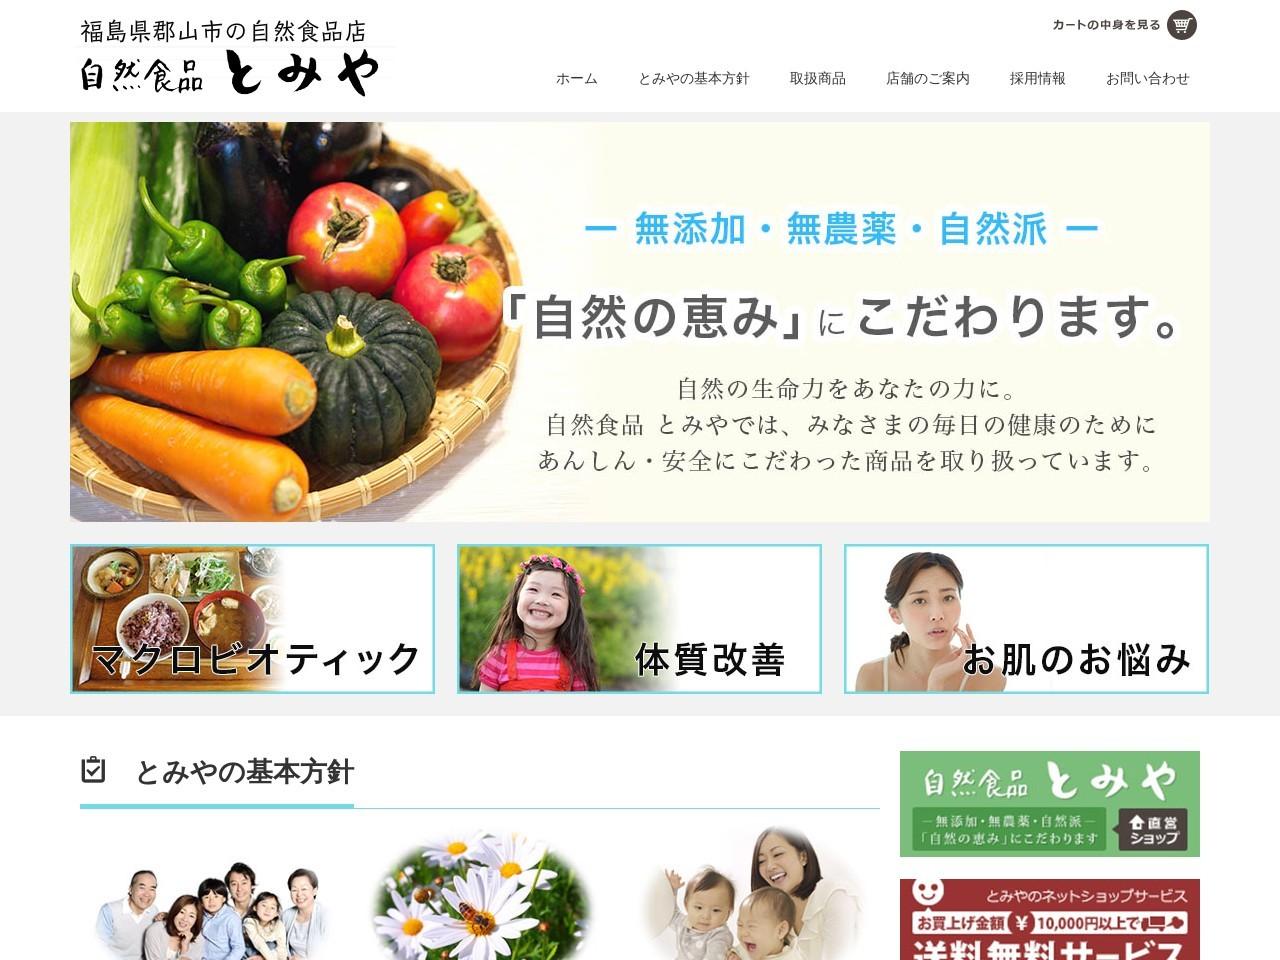 自然食品 とみや | 安全・安心な商品をご提供いたします【福島県郡山市】